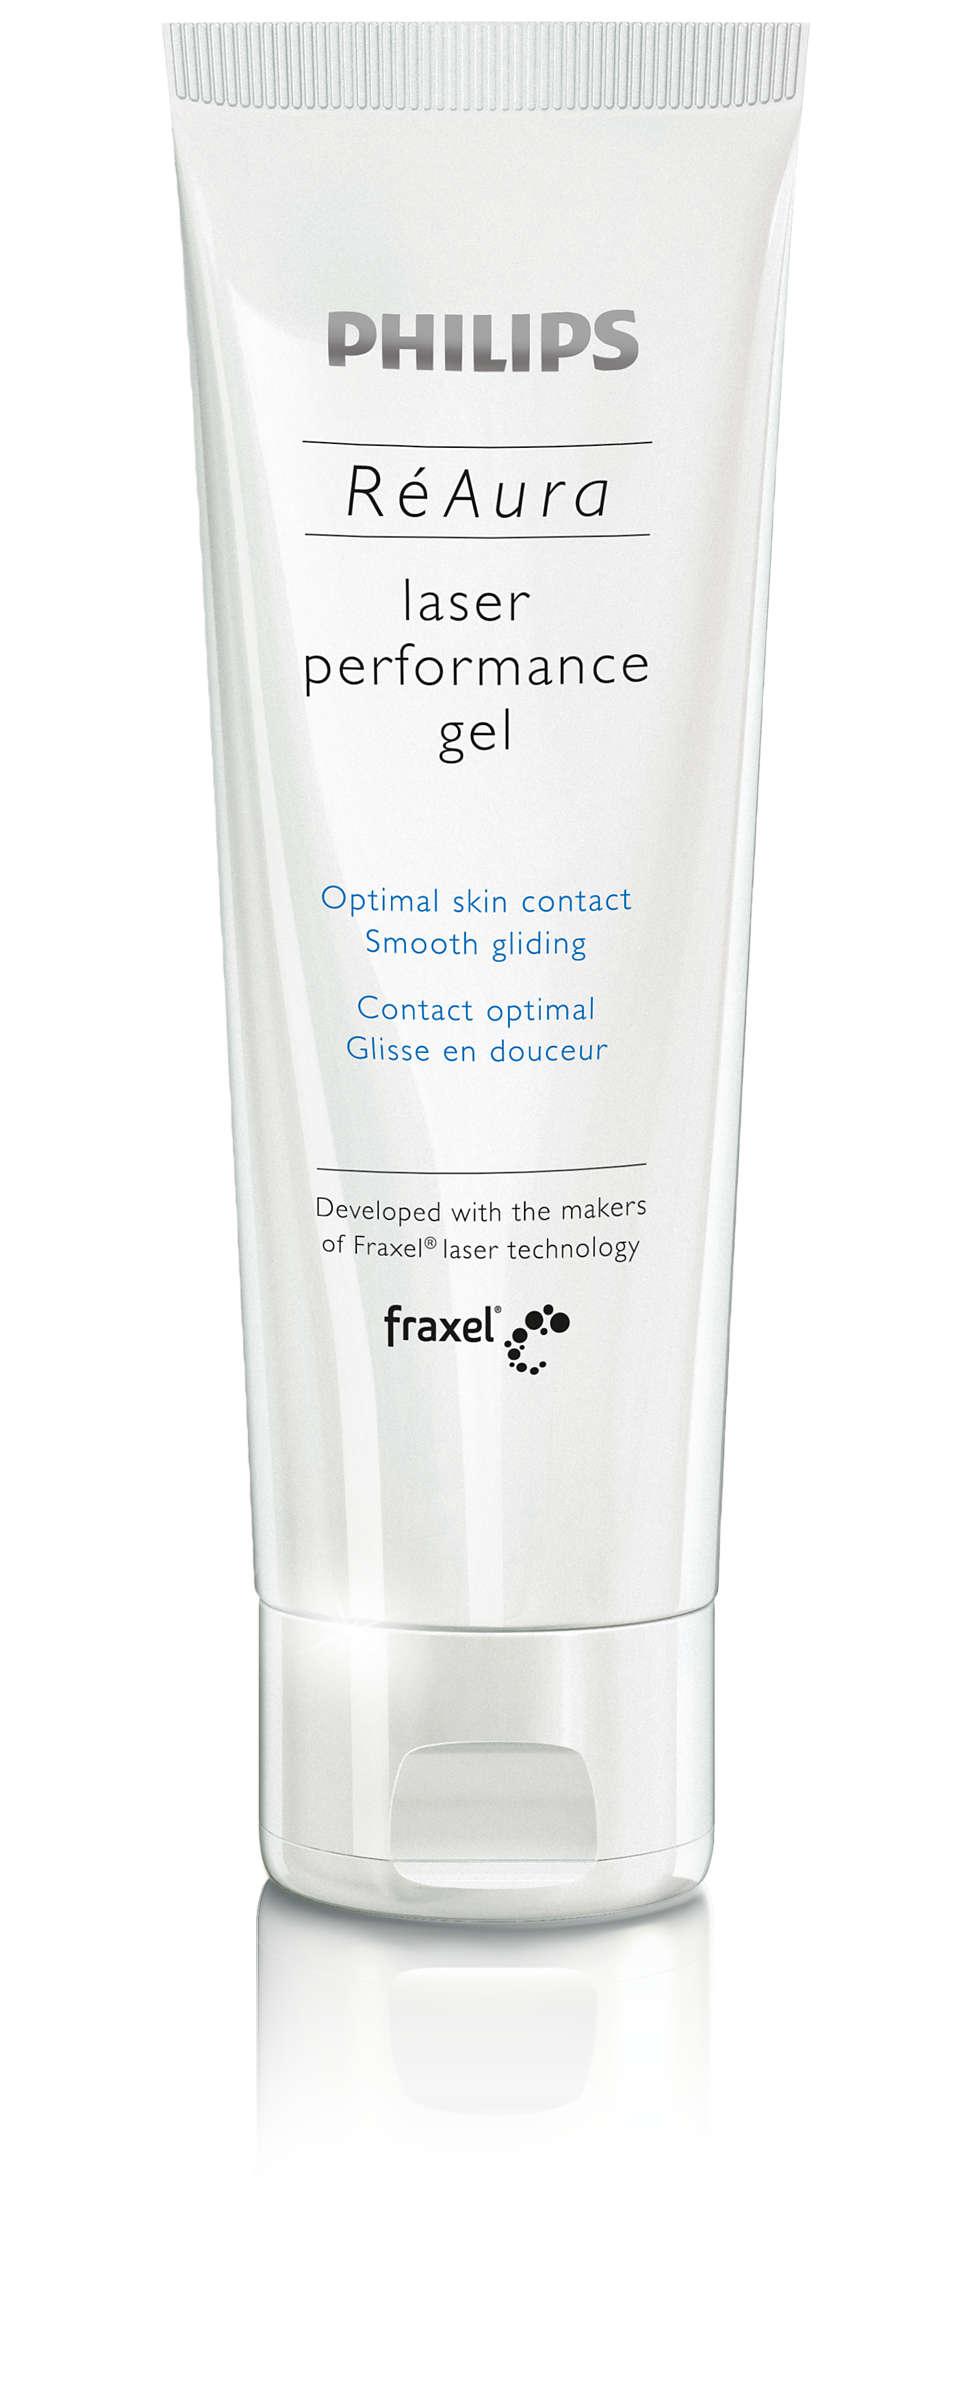 Contact optimal avec la peau et glisse en douceur